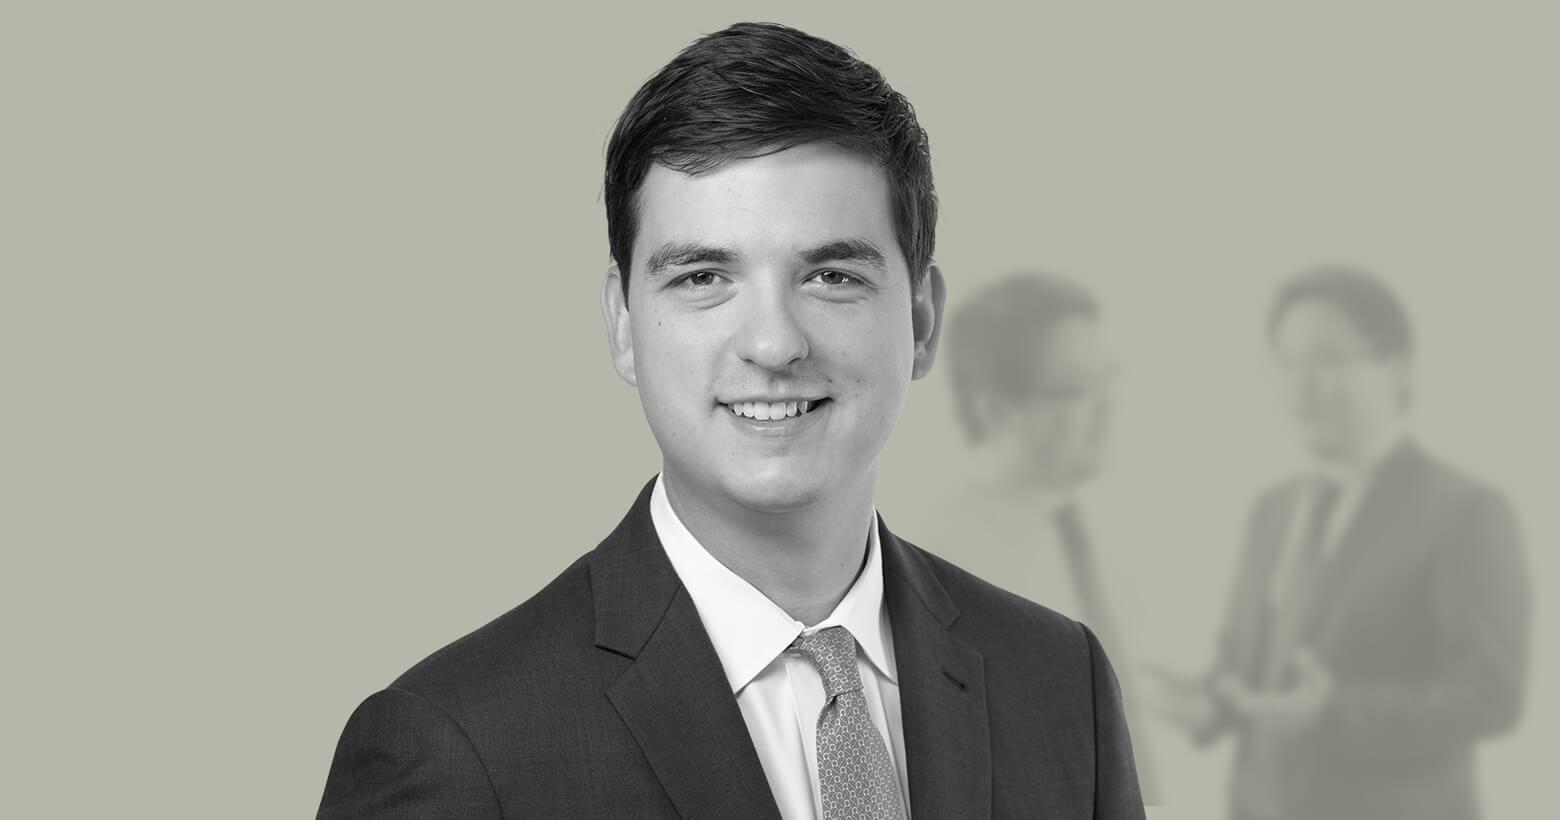 Benjamin Cermak